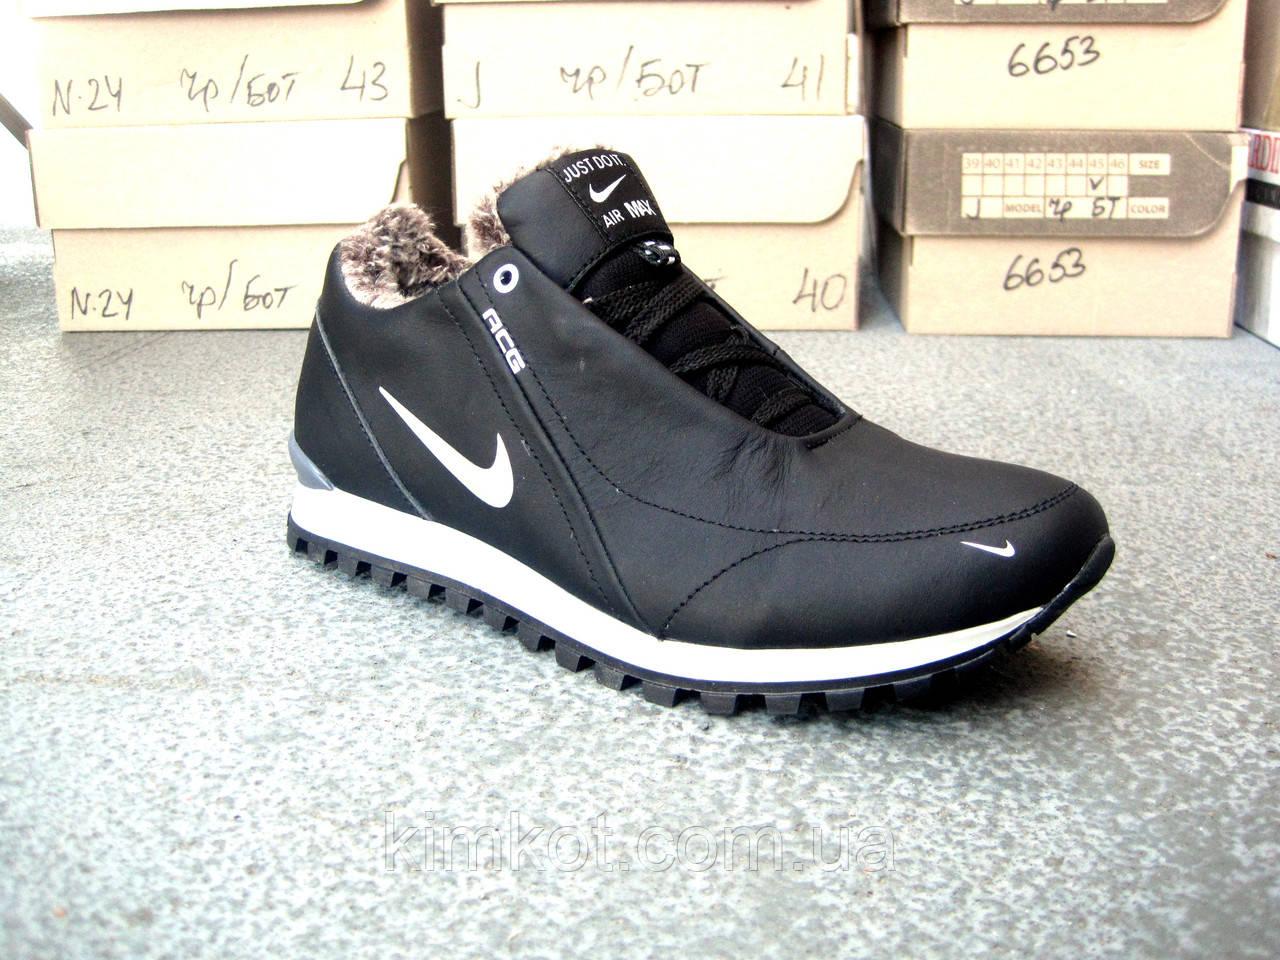 9351663c Зимние кожаные мужские ботинки Nike : продажа, цена в Харькове ...